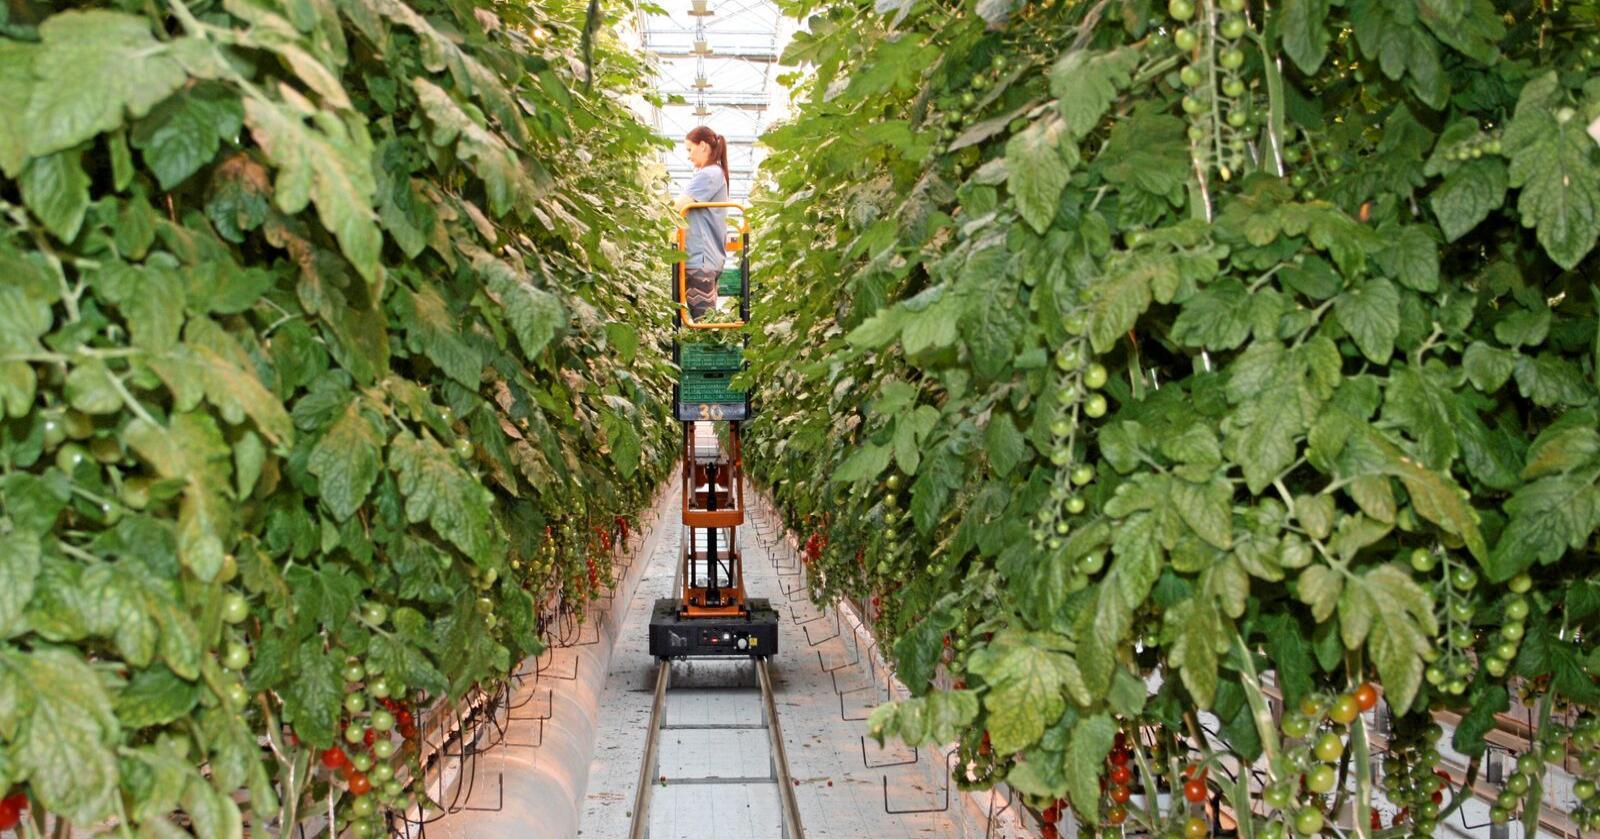 Norske tomater: To av tre tomater som spises i Norge, er importert. Men Norge har ypperlige forhold for å dyrke tomater i veksthus. Som her i Wiig gartneri på Jæren. Foto: Bjarne Bekkeheien Aase